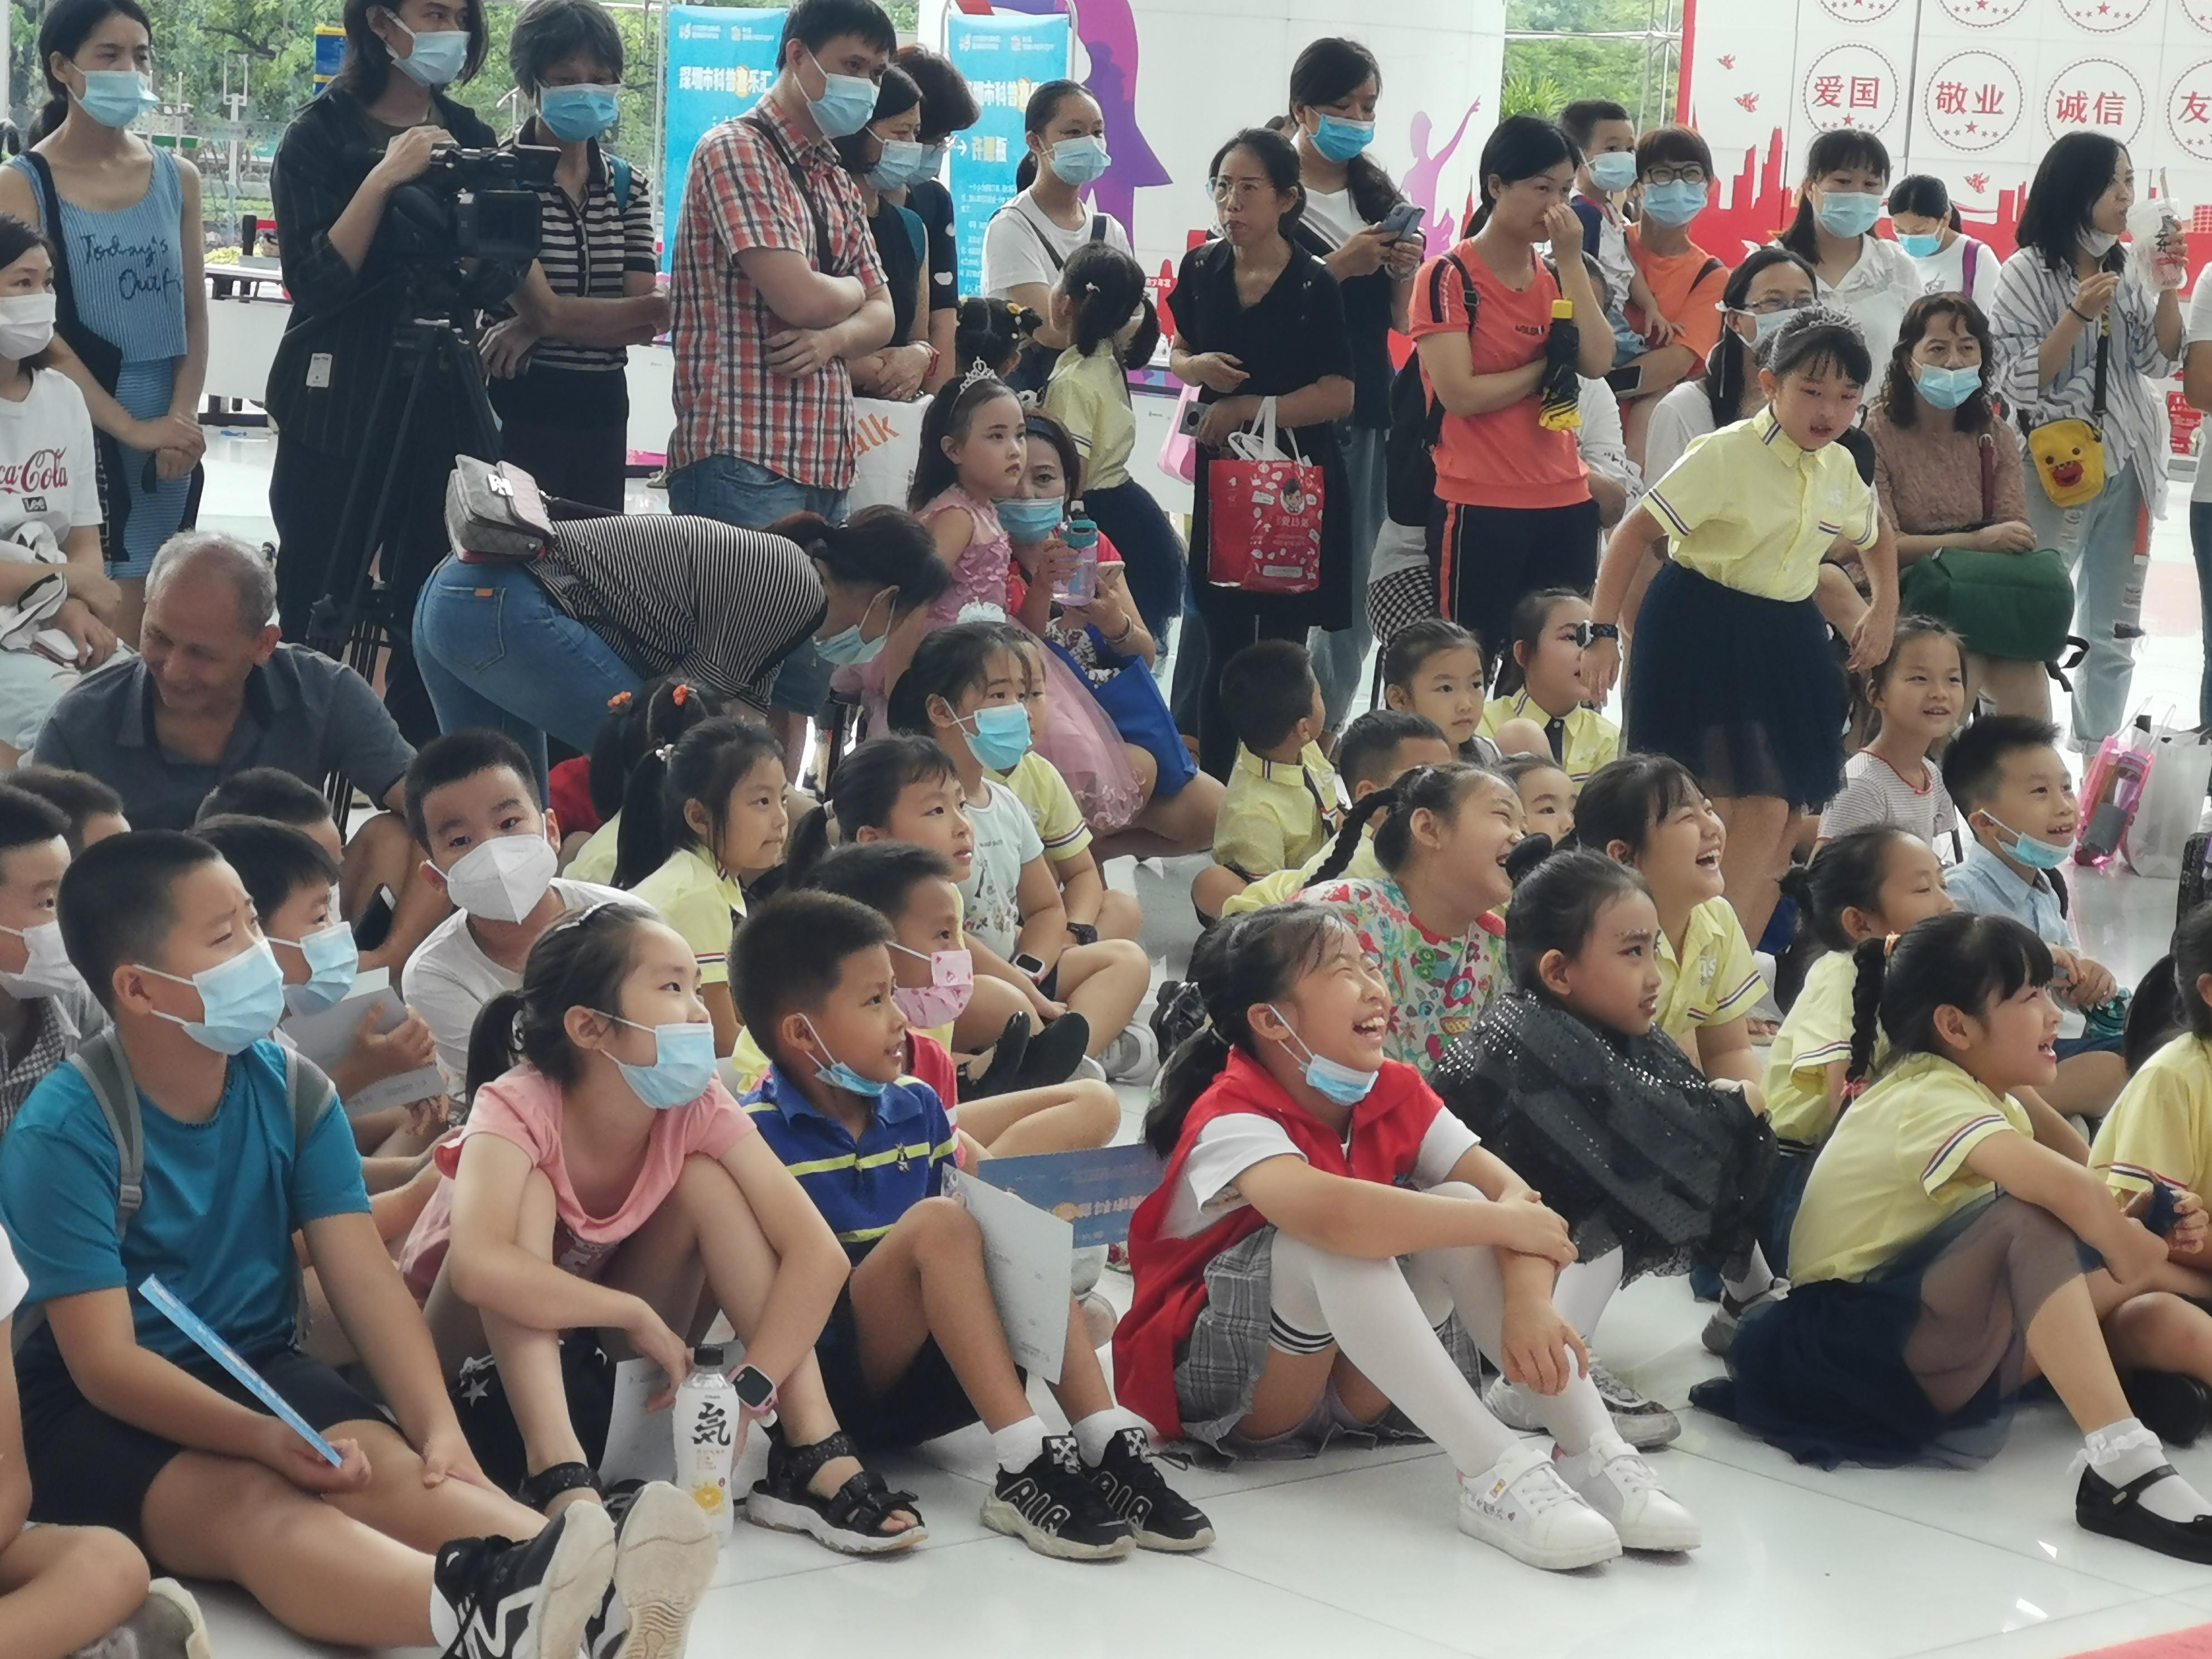 2020年深圳市科普喜乐汇在少年宫顺利举办